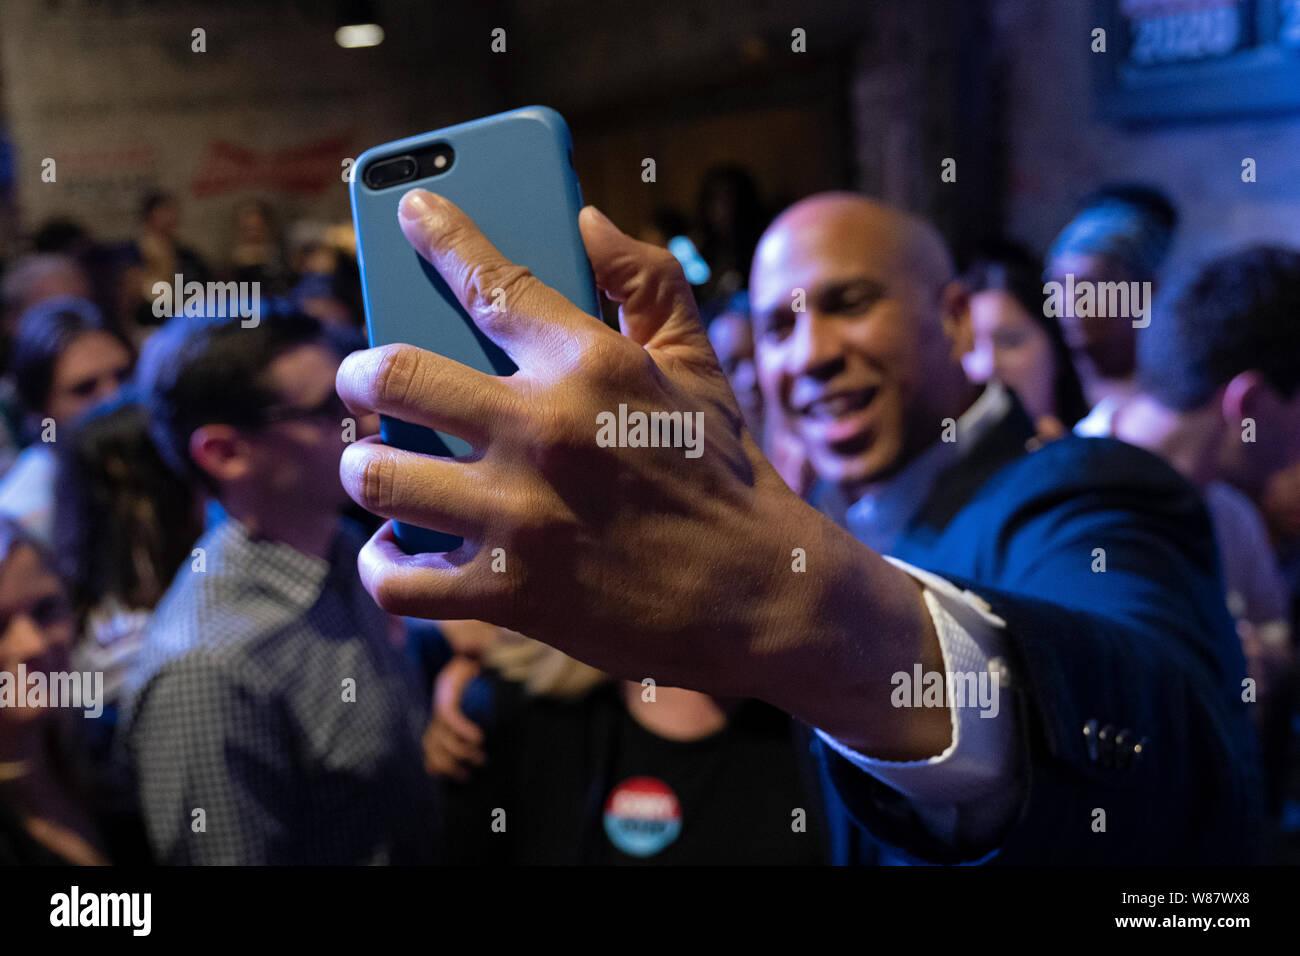 Le candidat démocrate à Cory Booker (D-NJ) apparaît pendant un événement Lieu Philadelphie Philadelphie au Fillmore. Banque D'Images